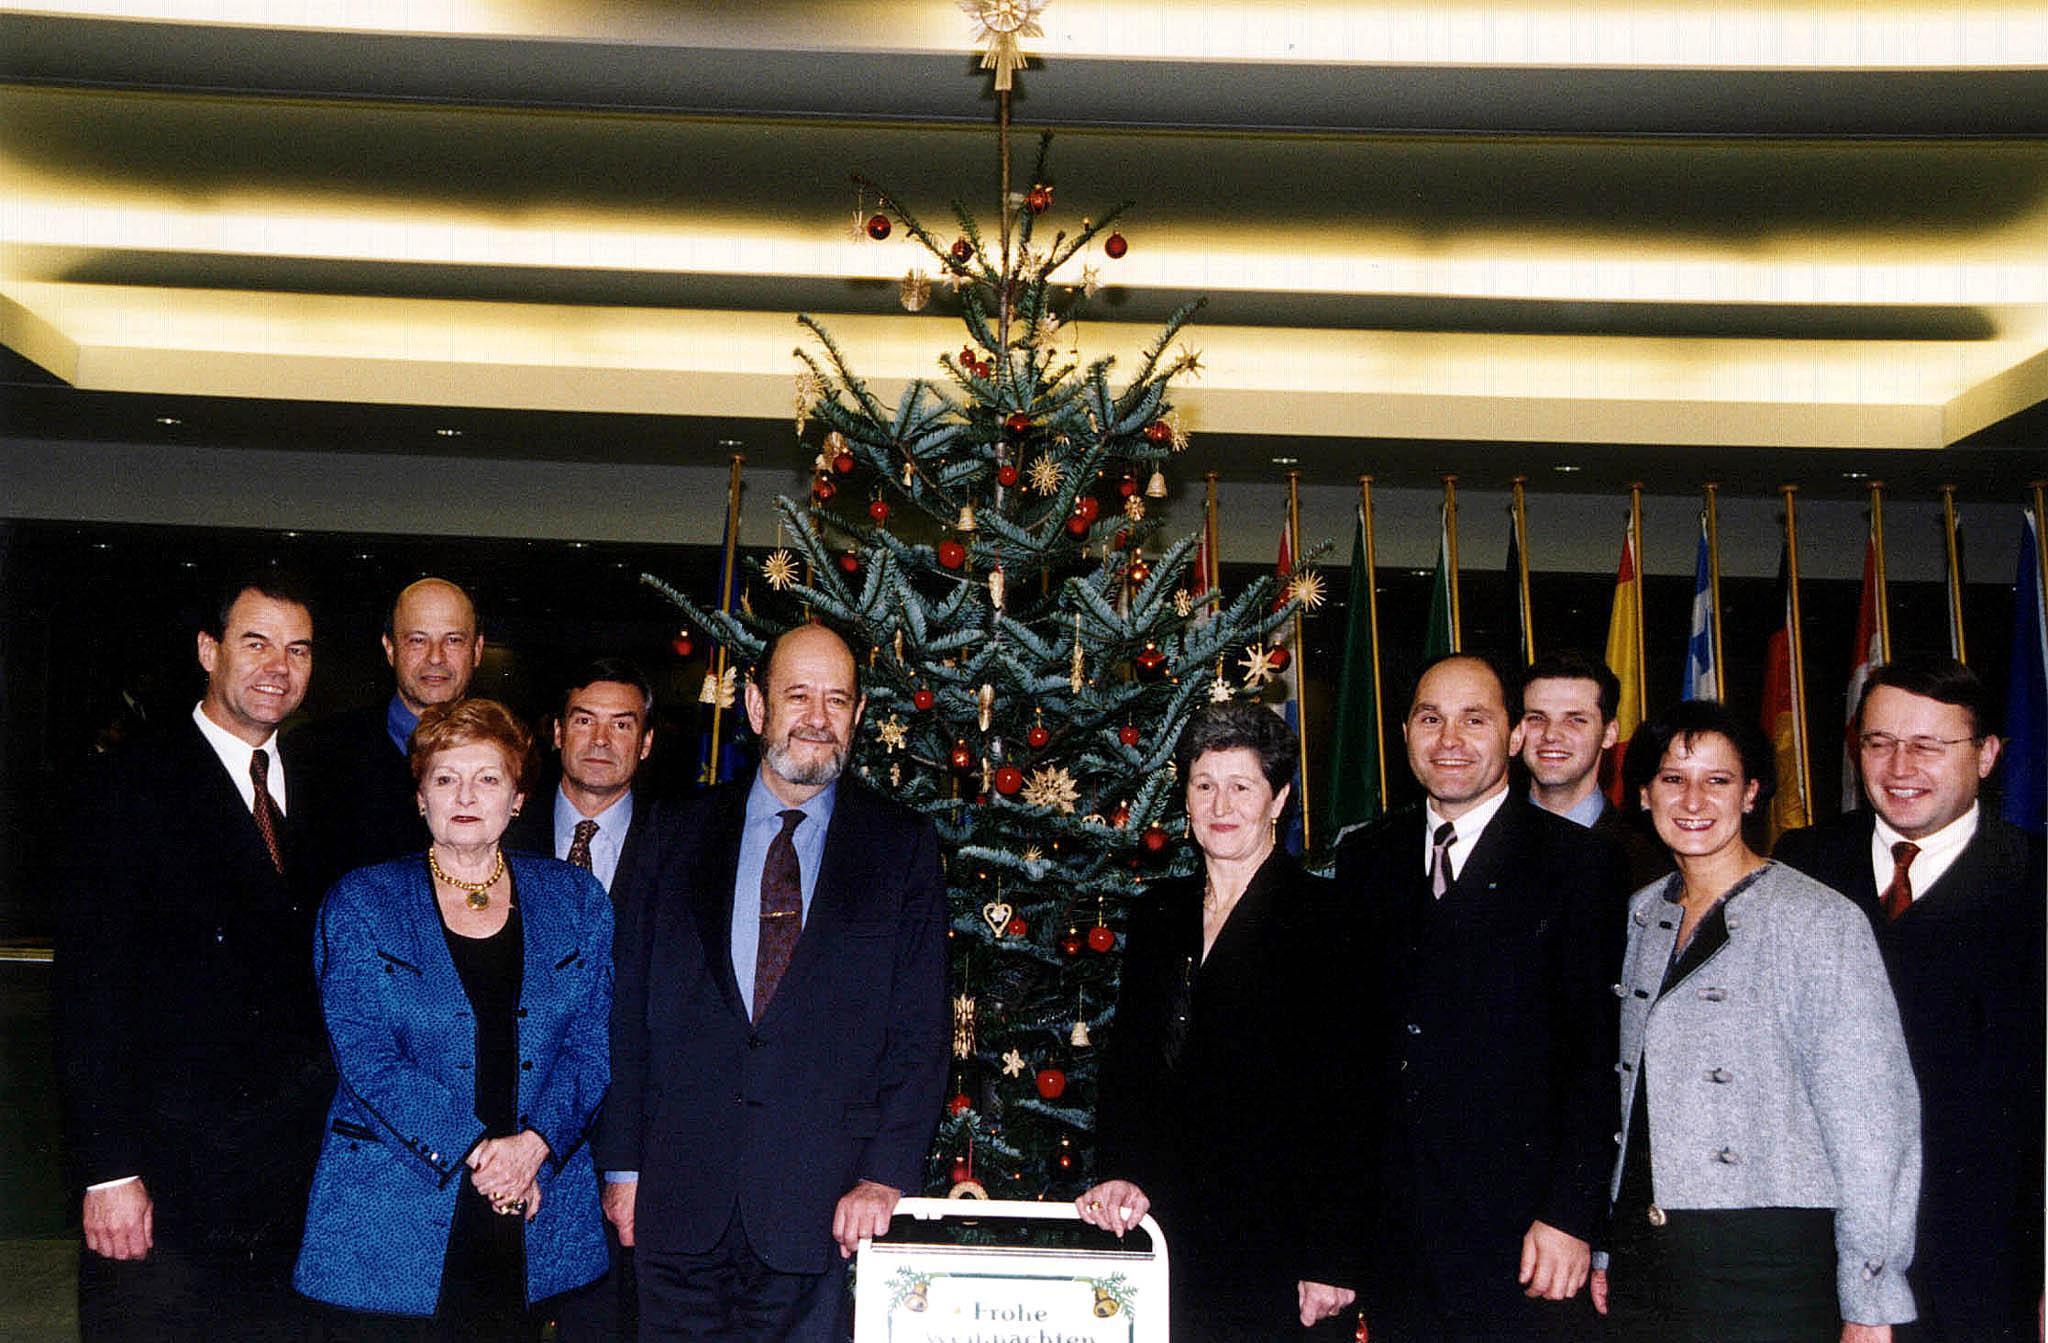 -ZU OTS 222- Weihnachtsstimmung im Europaparlament.Die Übergabe eines niederösterreichischen Weihnachtsbaumes an EP-Präsident Gil Robles. APA-Photo: ÖVP